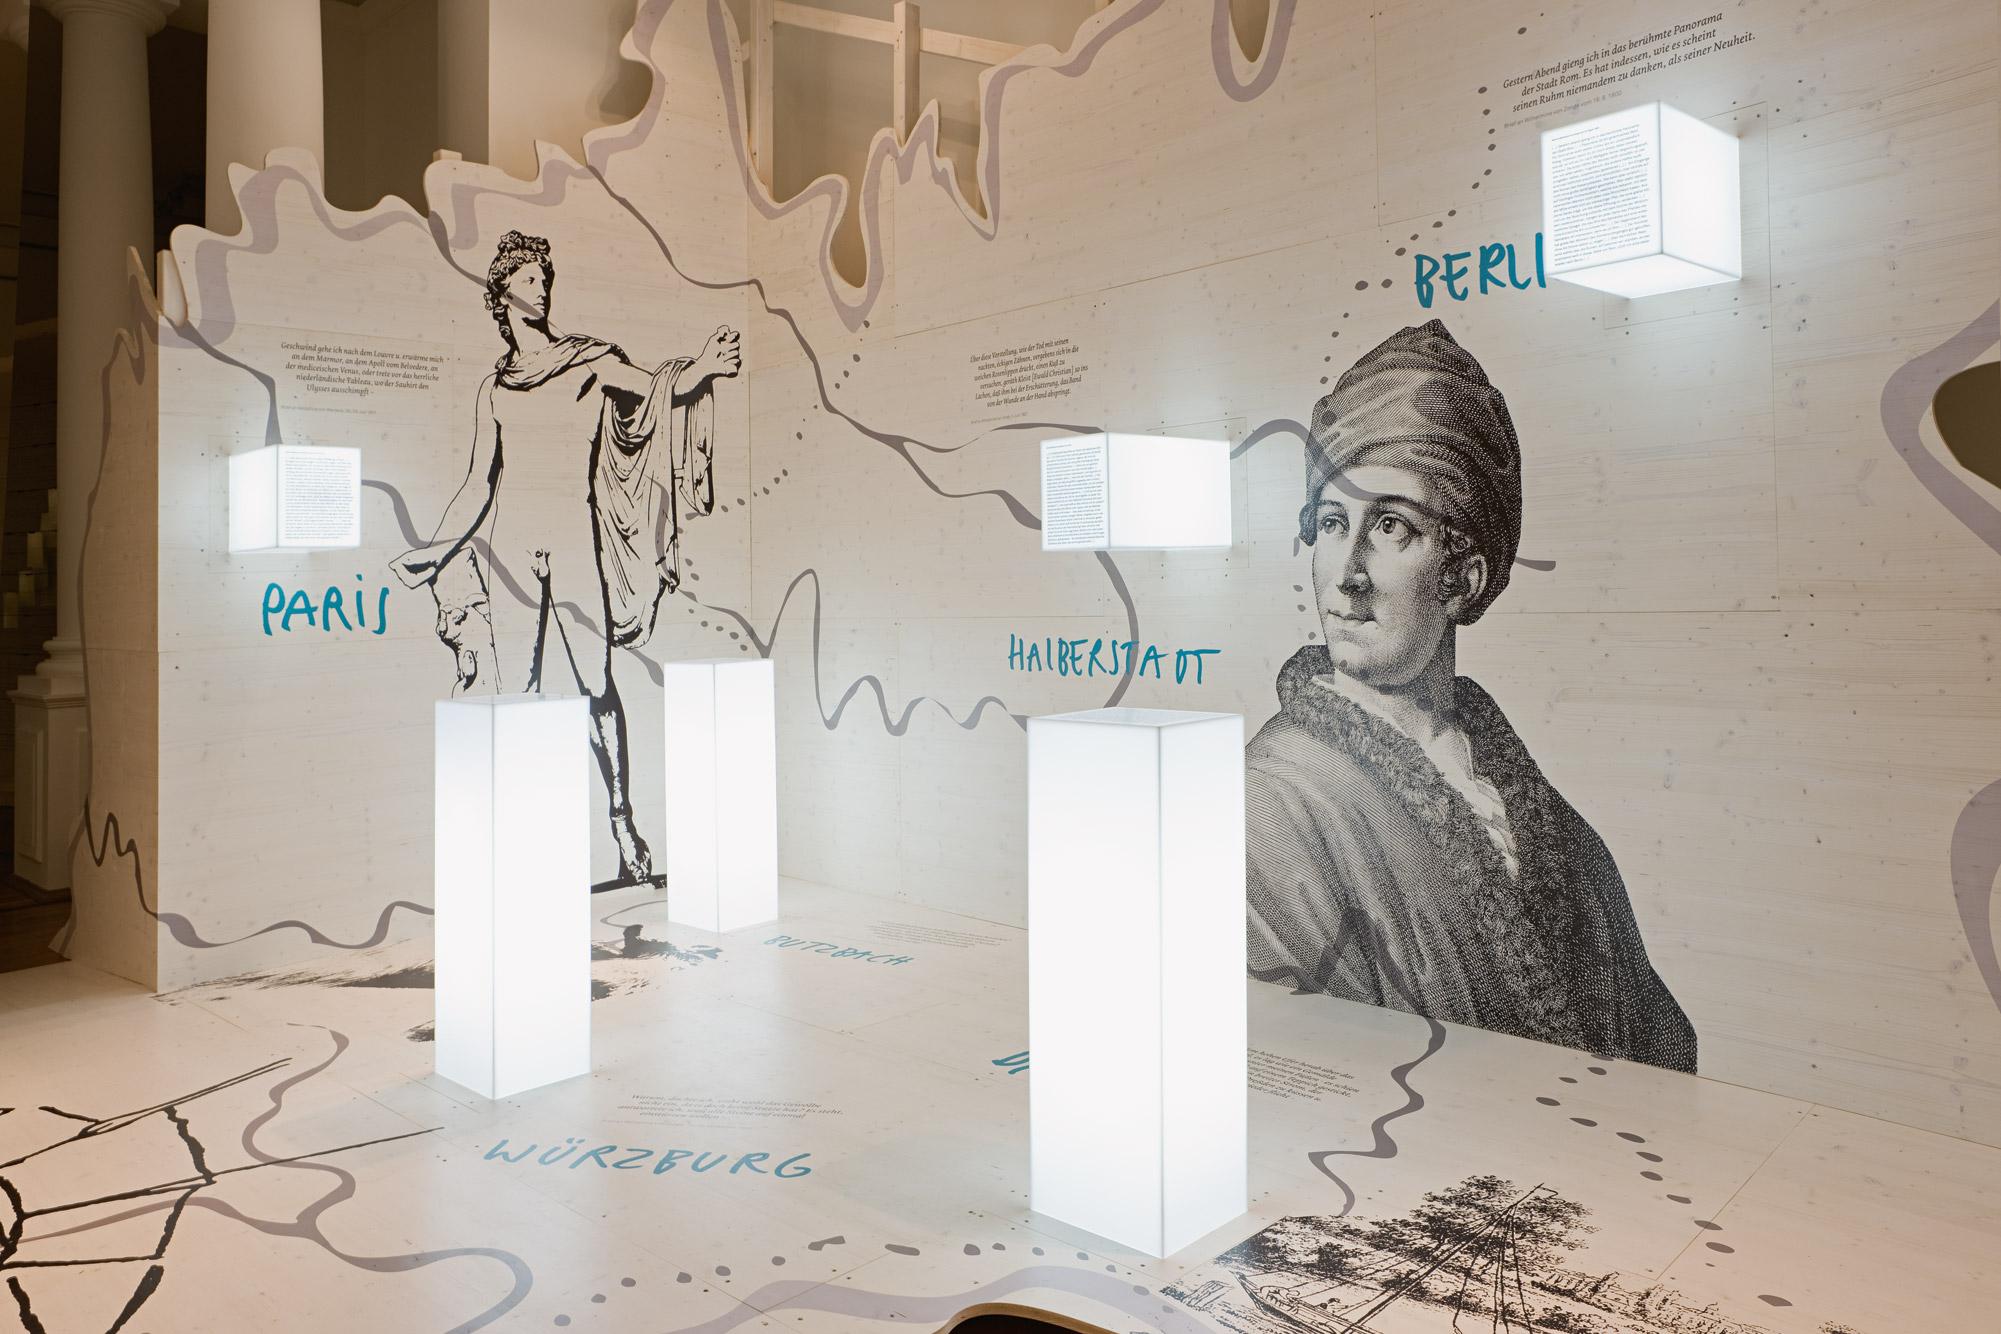 von GROTE Ausstellungsgestaltung und Design / Kleist: Krise und Experiment – Doppelausstellung in Berlin und Frankfurt (Oder)